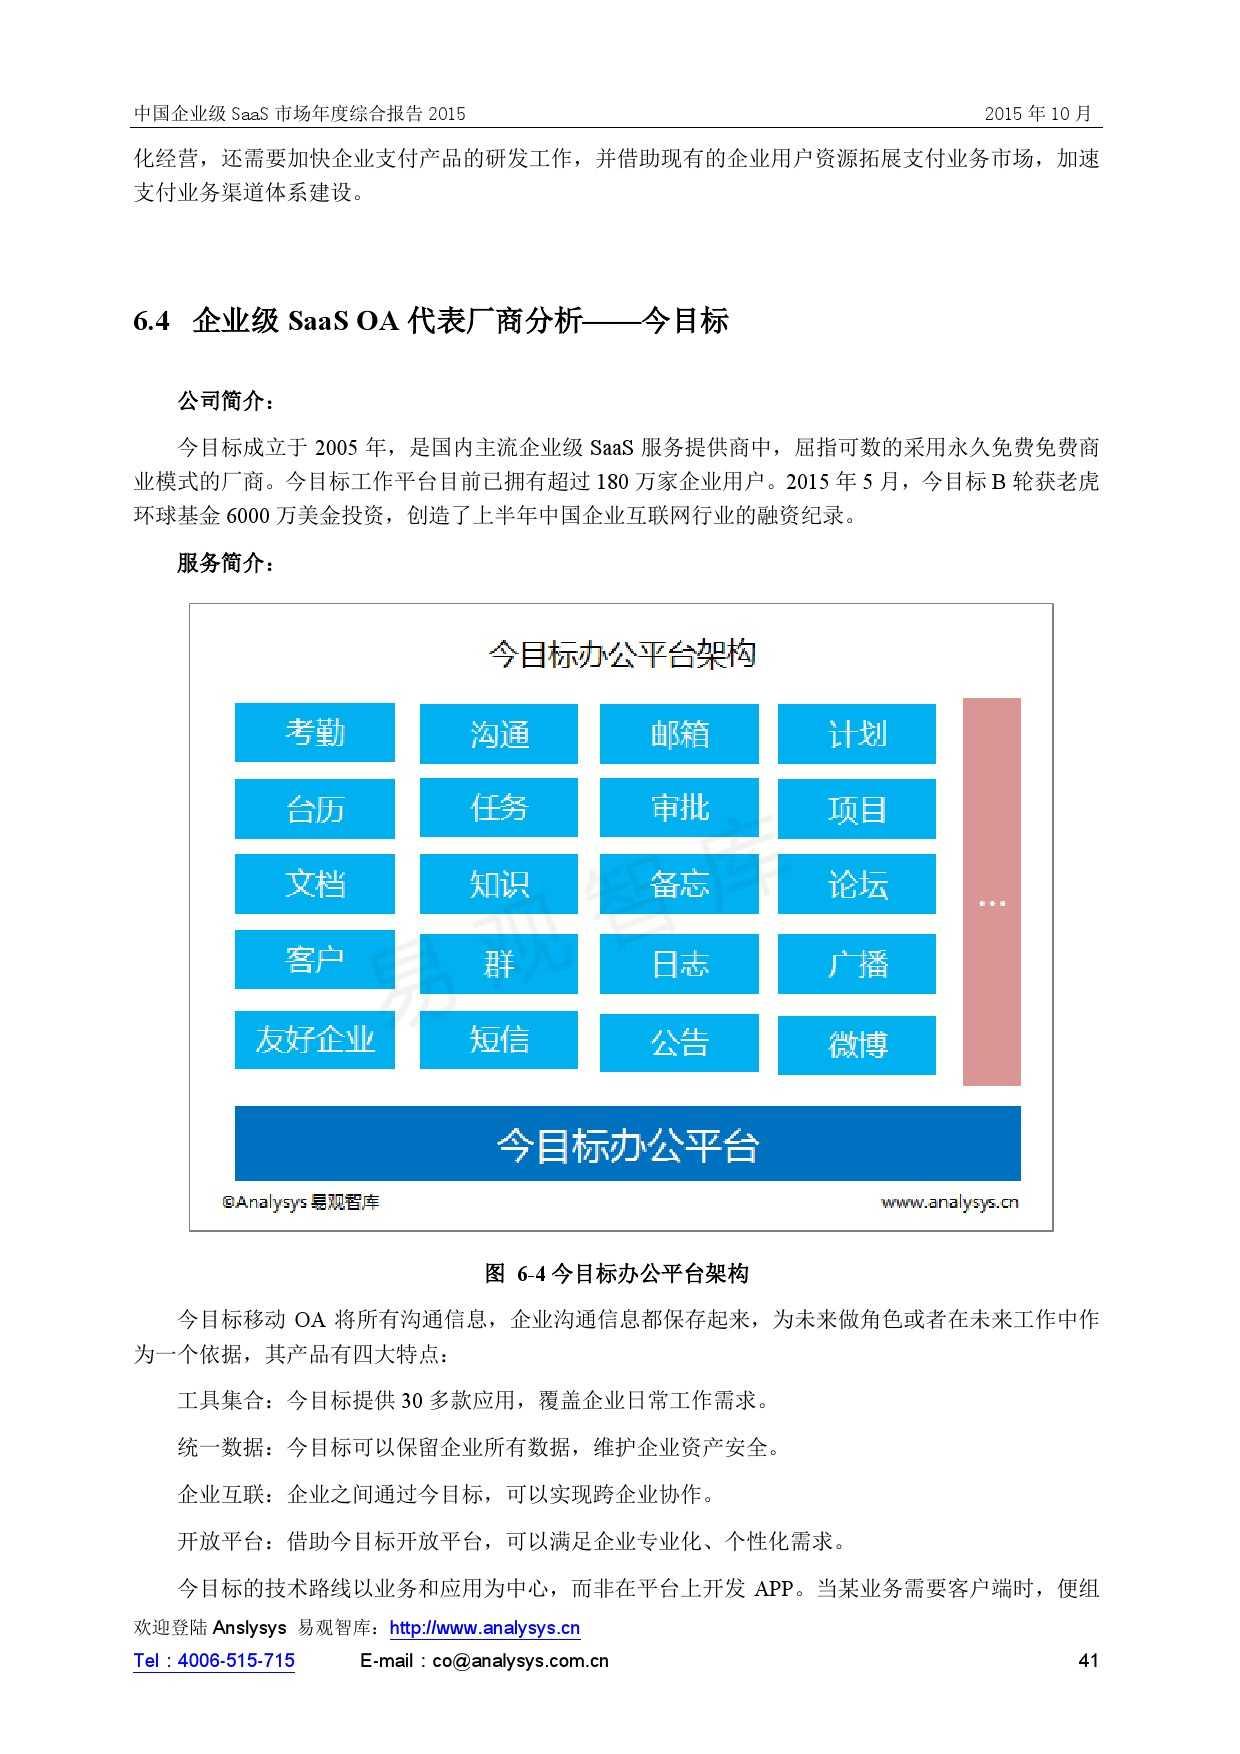 中国企业级SaaS市场年度综合报告2015 01_000041